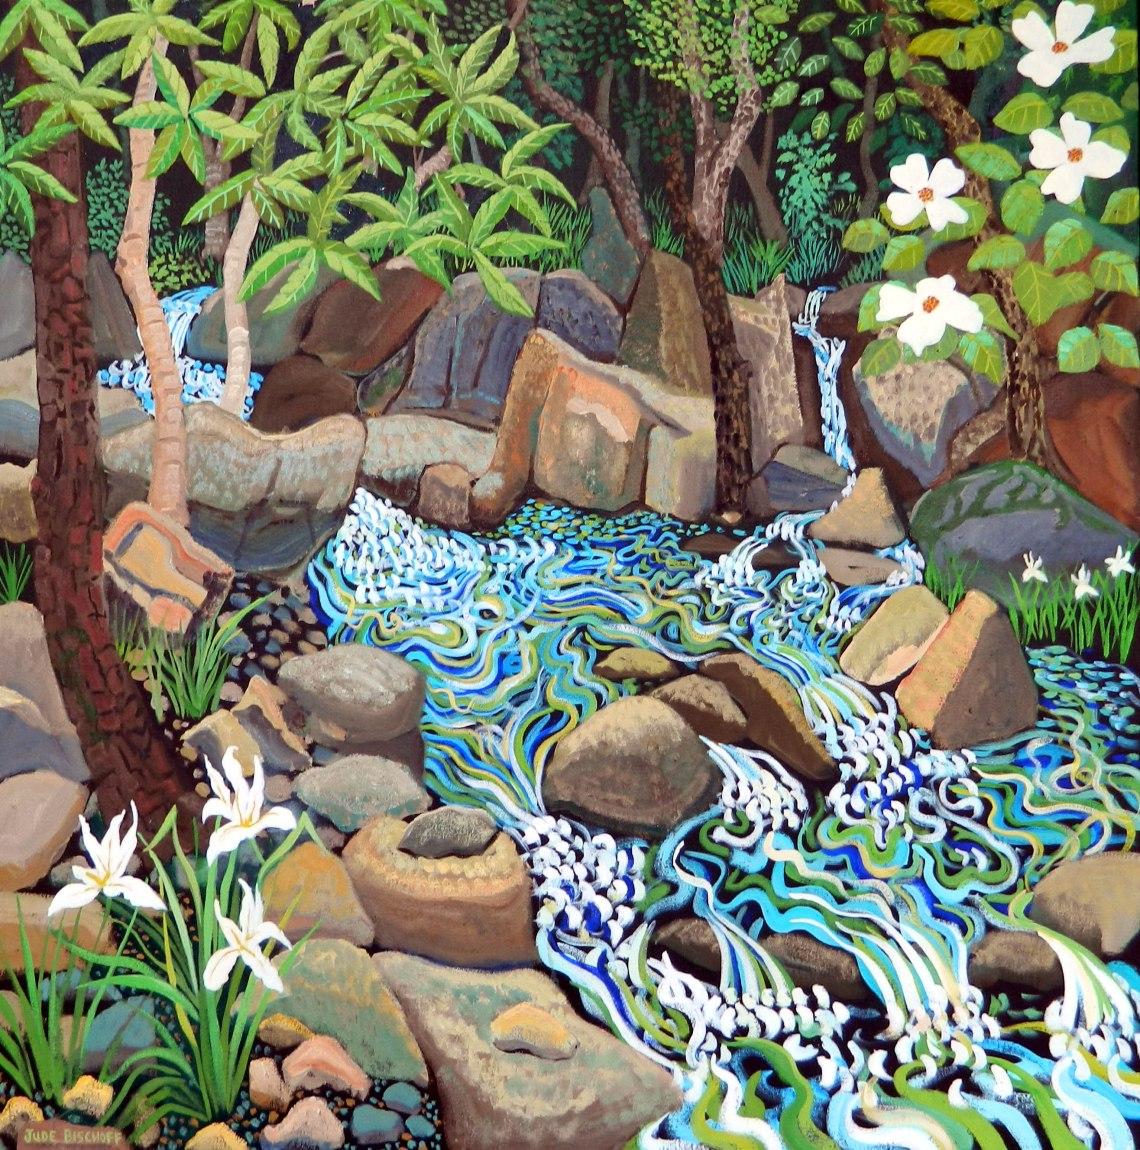 Martee's Refuge Oil on Canvas 36x36 $3600.00 Jude Bischoff Fine Art www.judebischoff.com 530-265-8781 PO Box 1202 Cedar Ridge, CA. 95924